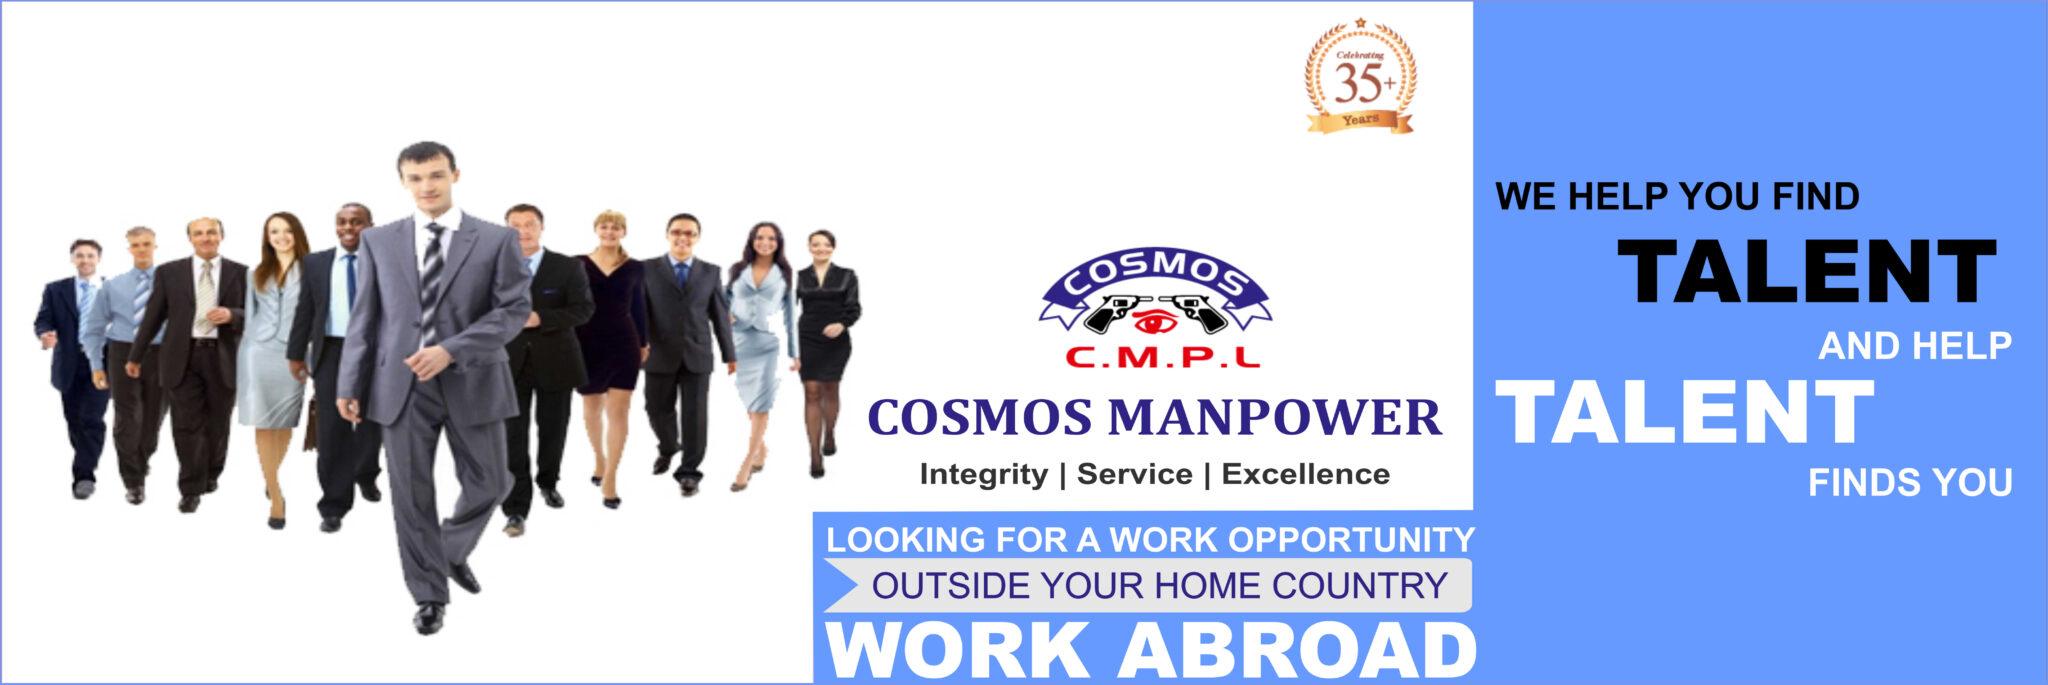 Cosmos Manpower Banner 3